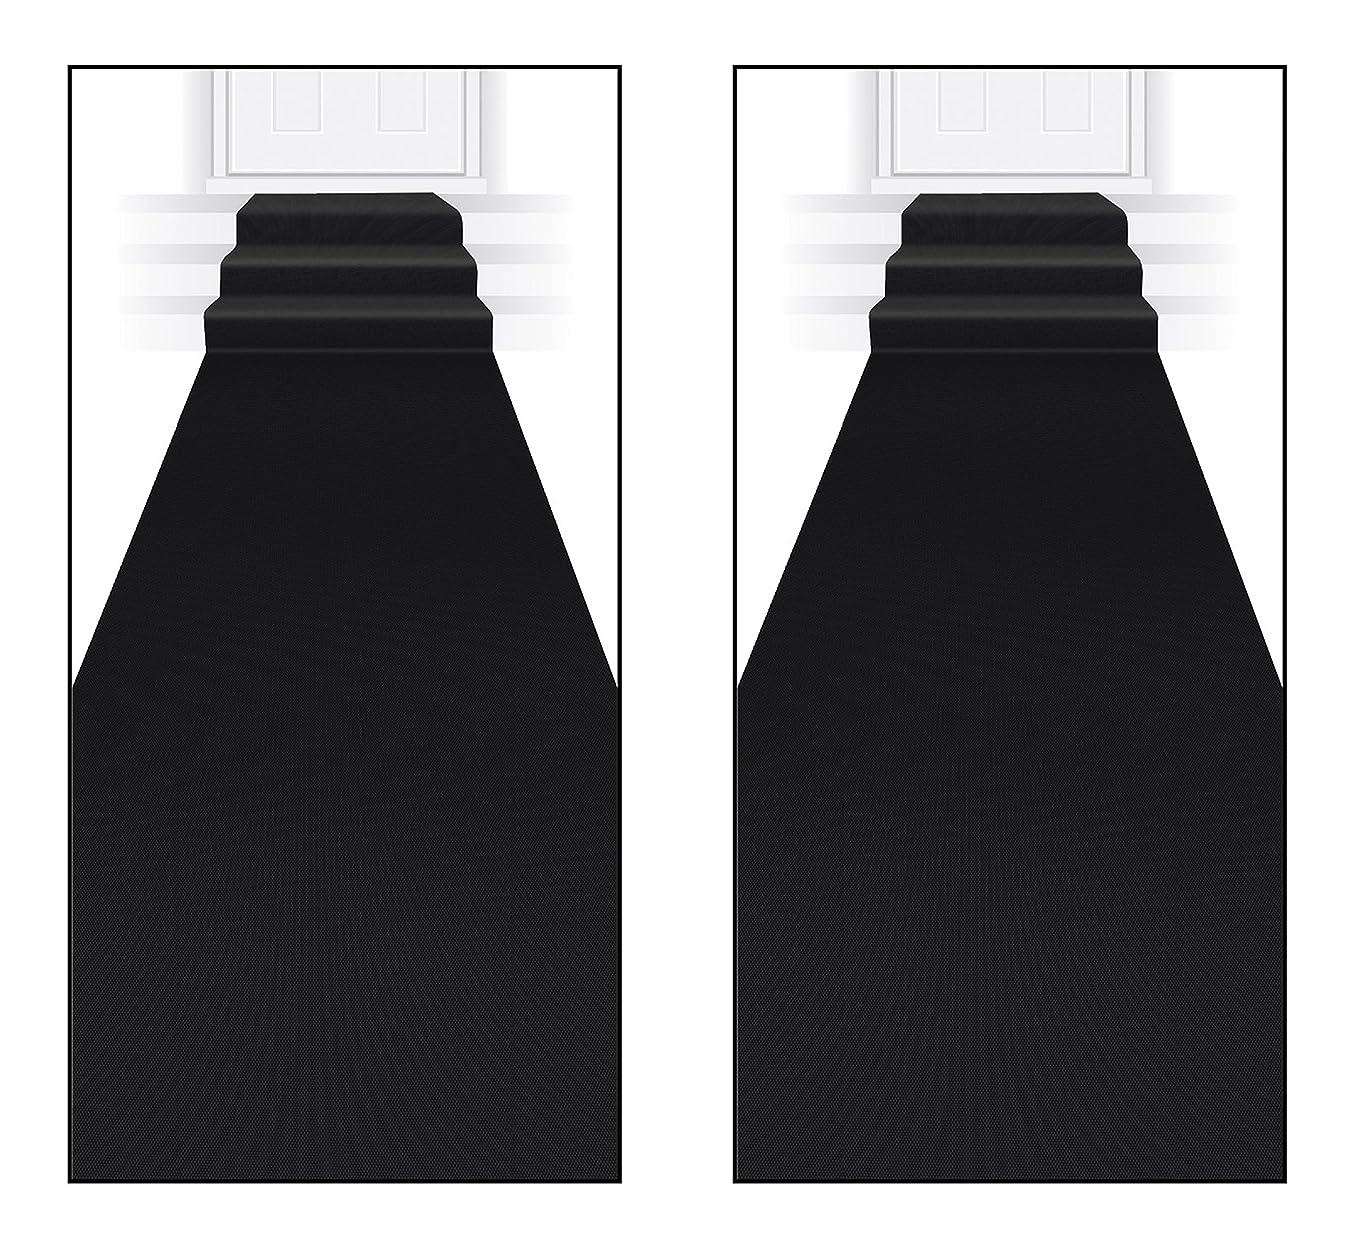 Beistle S50087-BKAZ2 Black Carpet Runner 2 Piece,